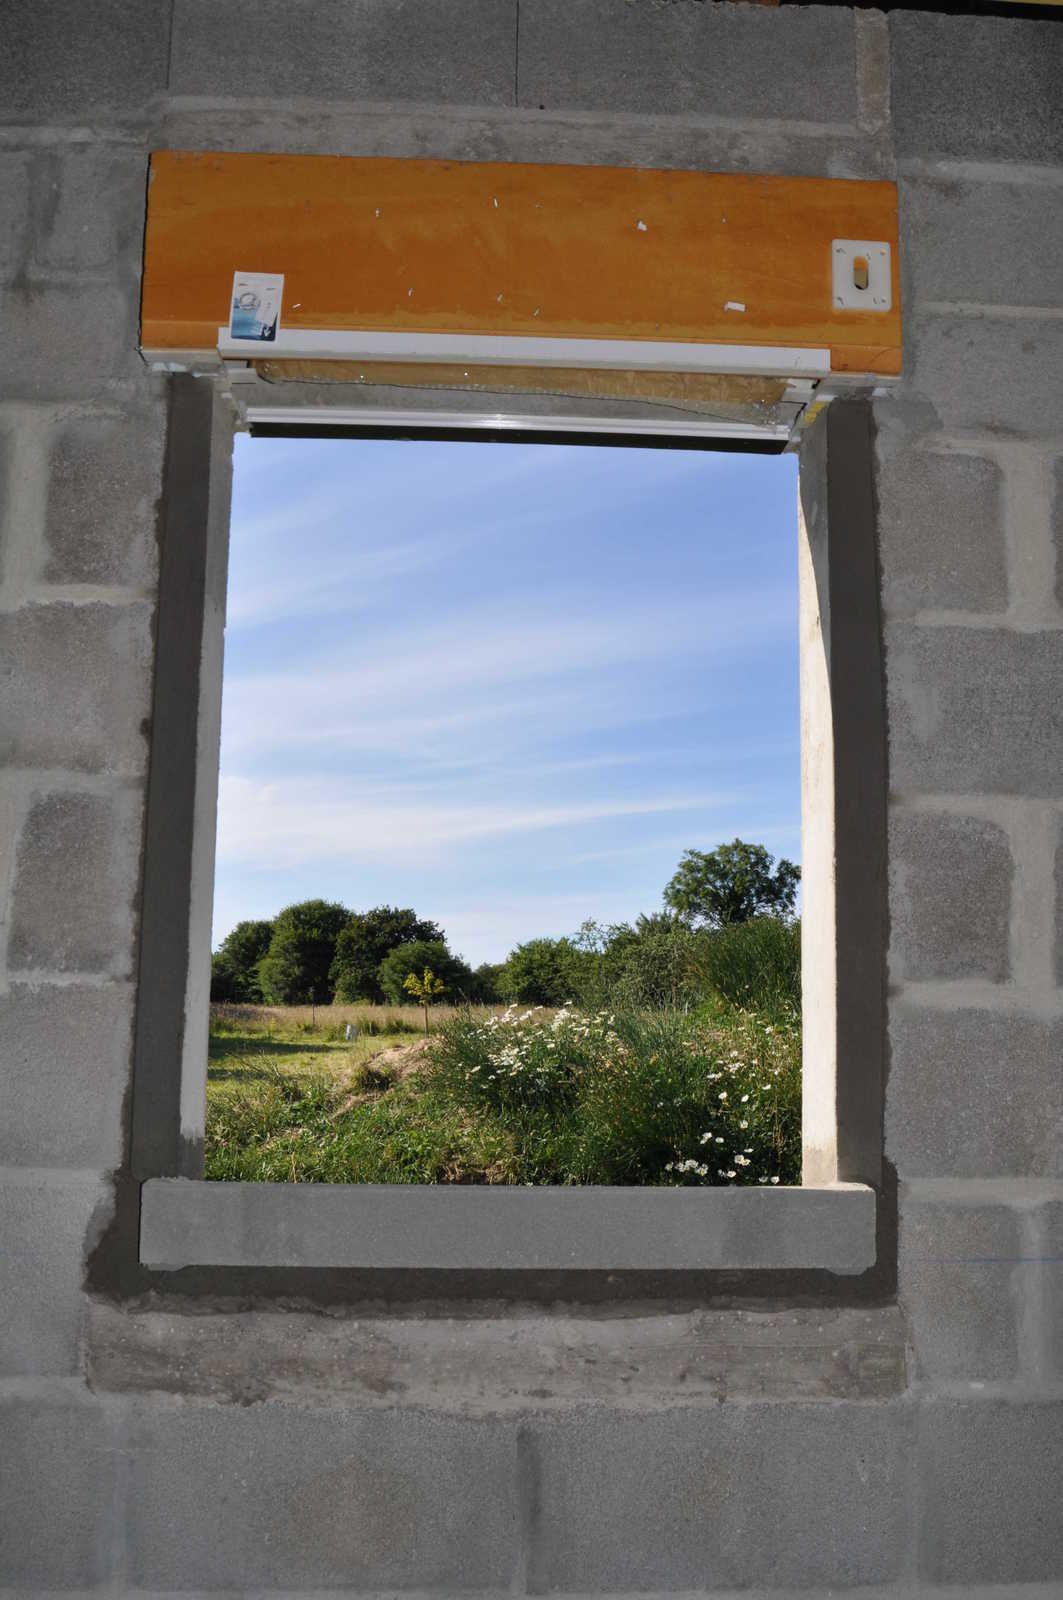 25 juin : seuils des fenêtres et peur...